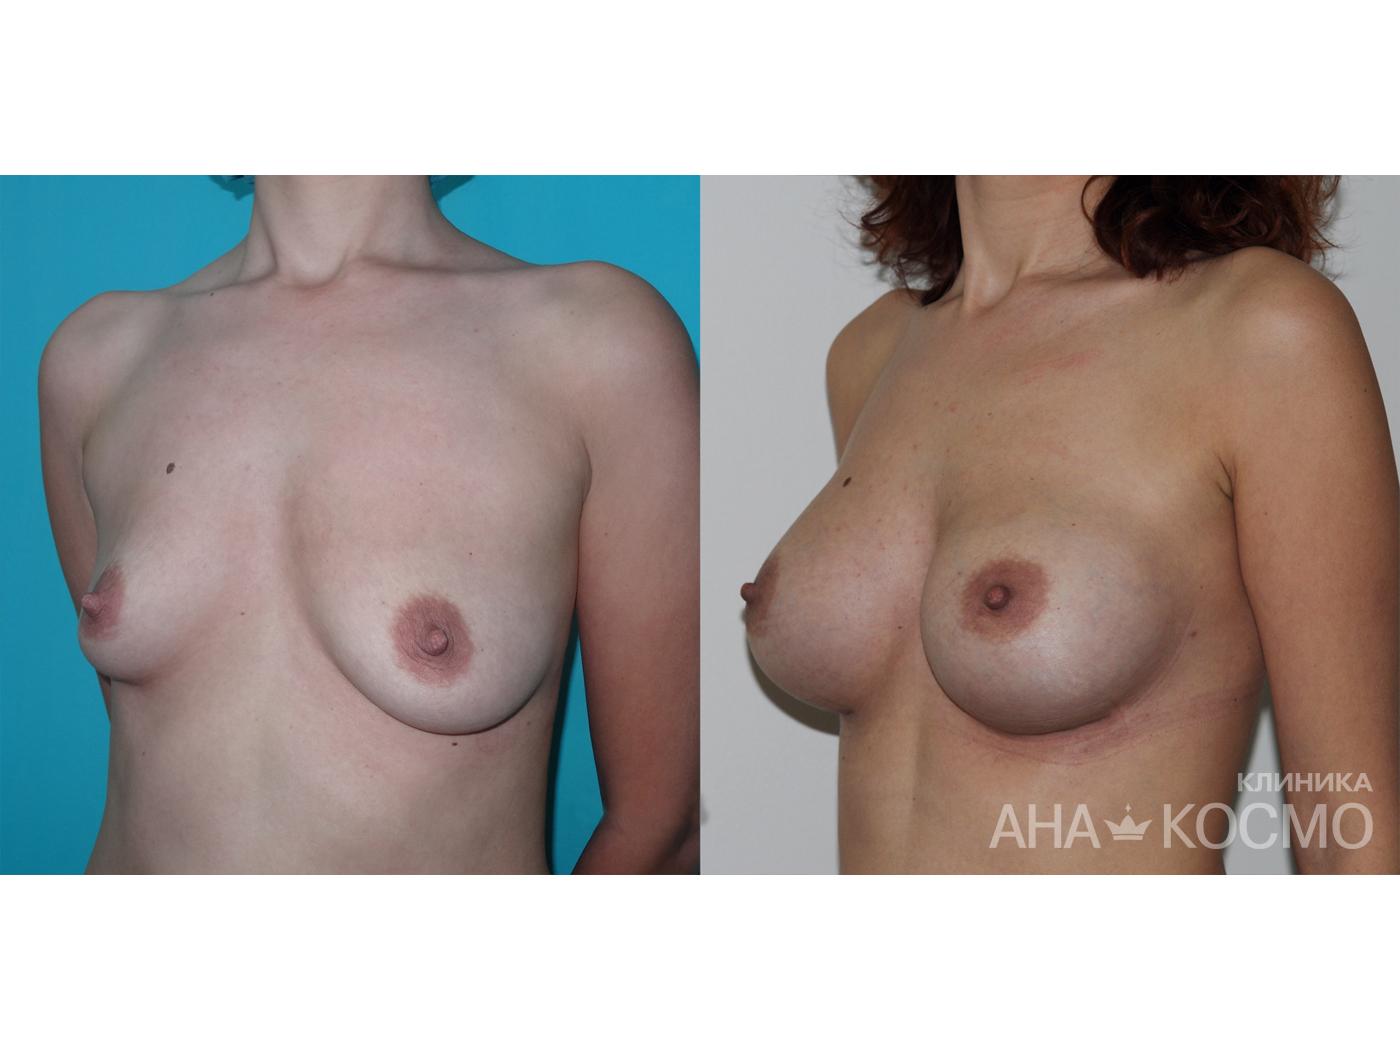 Через сколько менять импланты груди